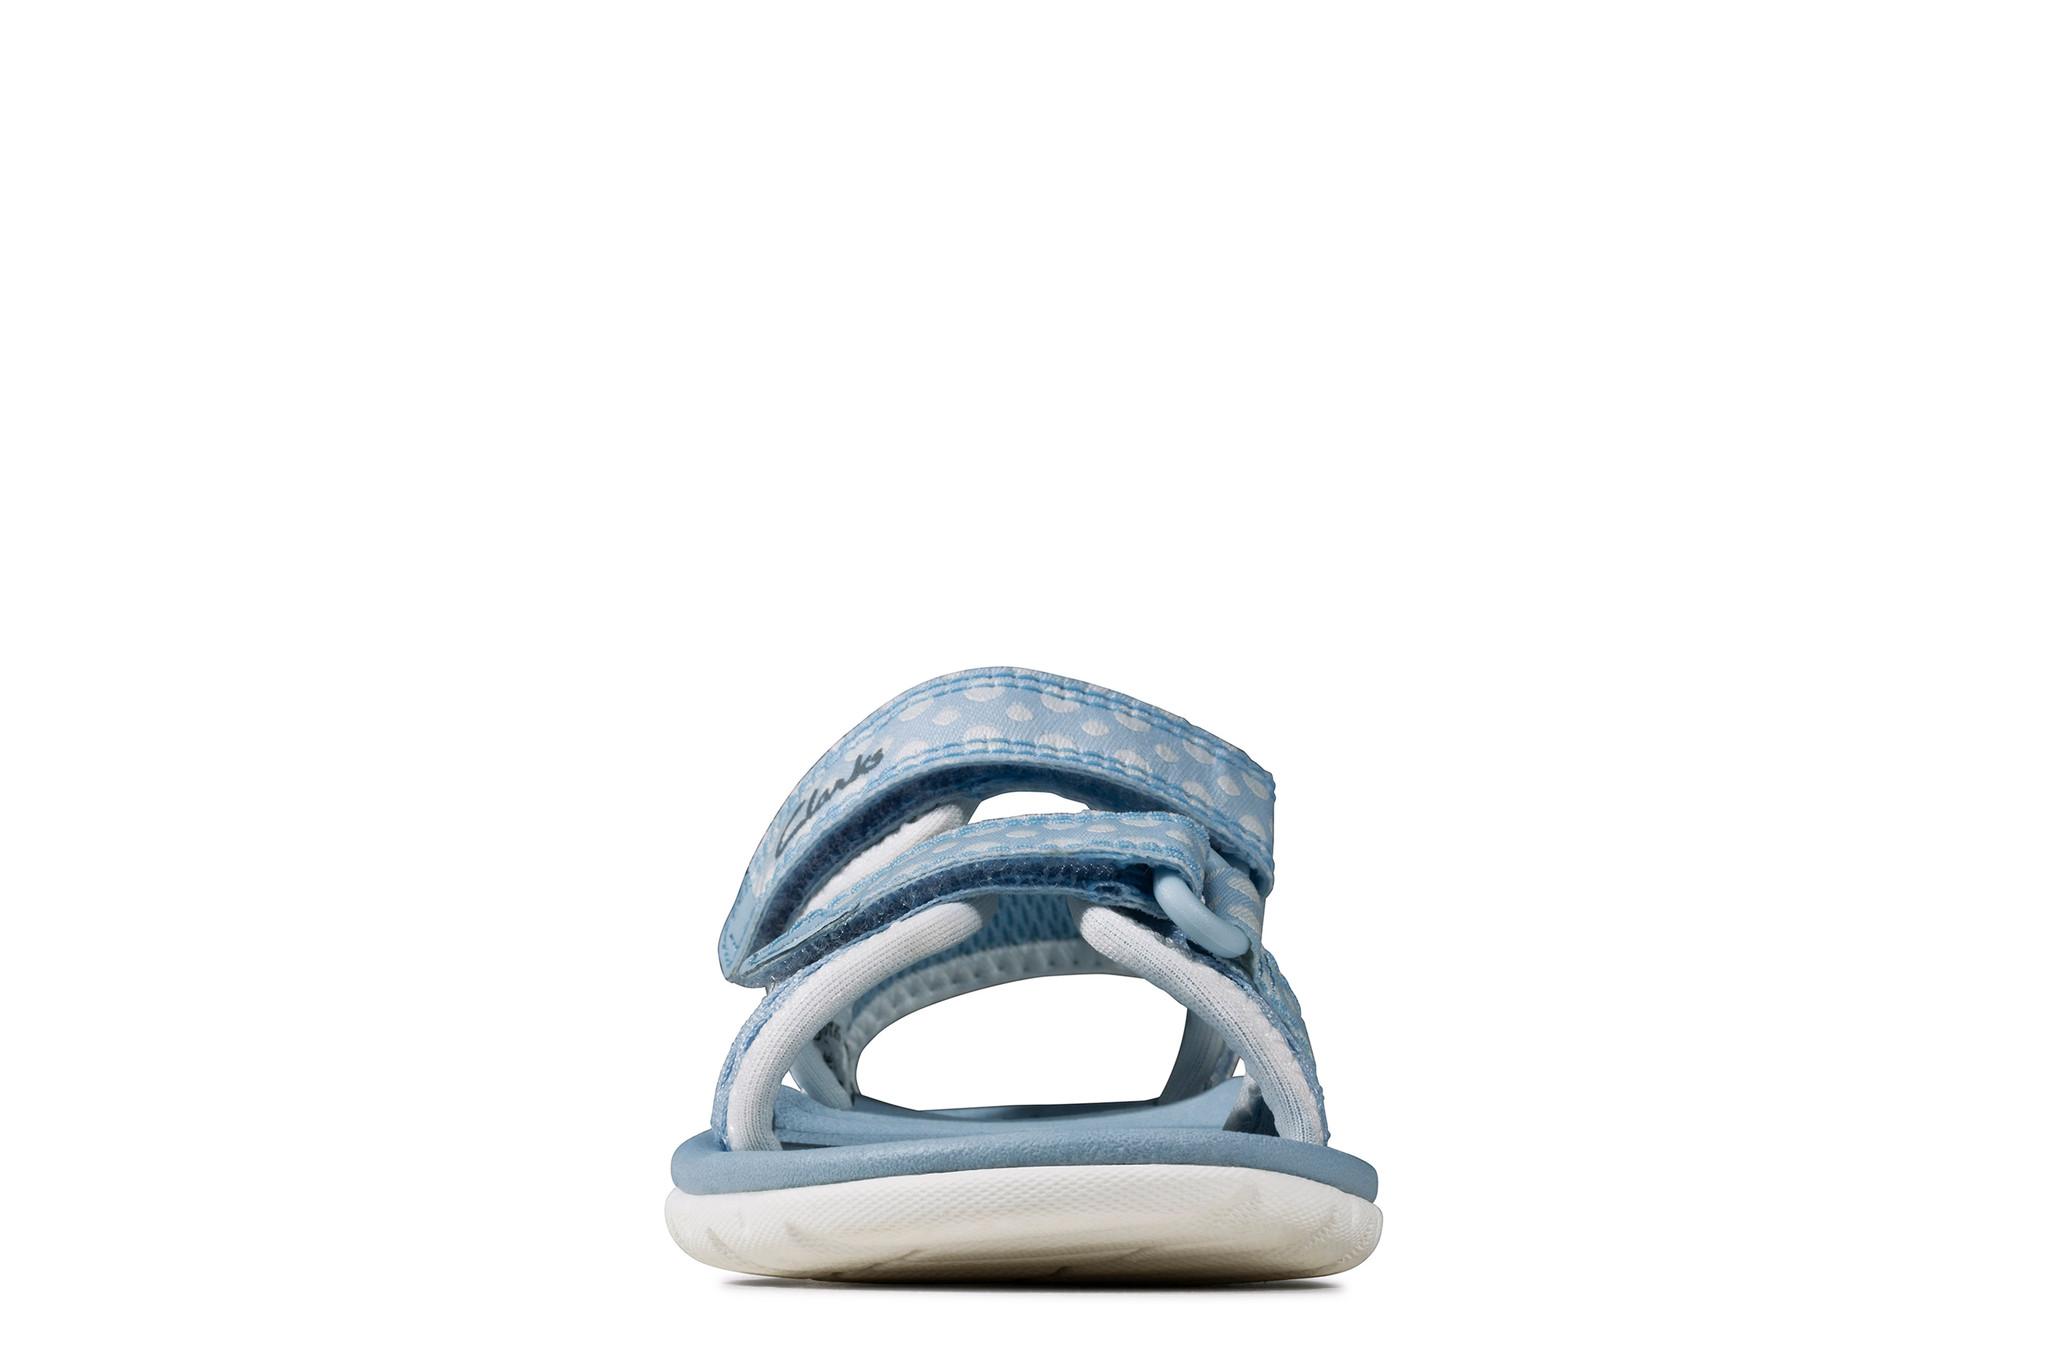 Clarks Surfing Tide Light Blue Infant